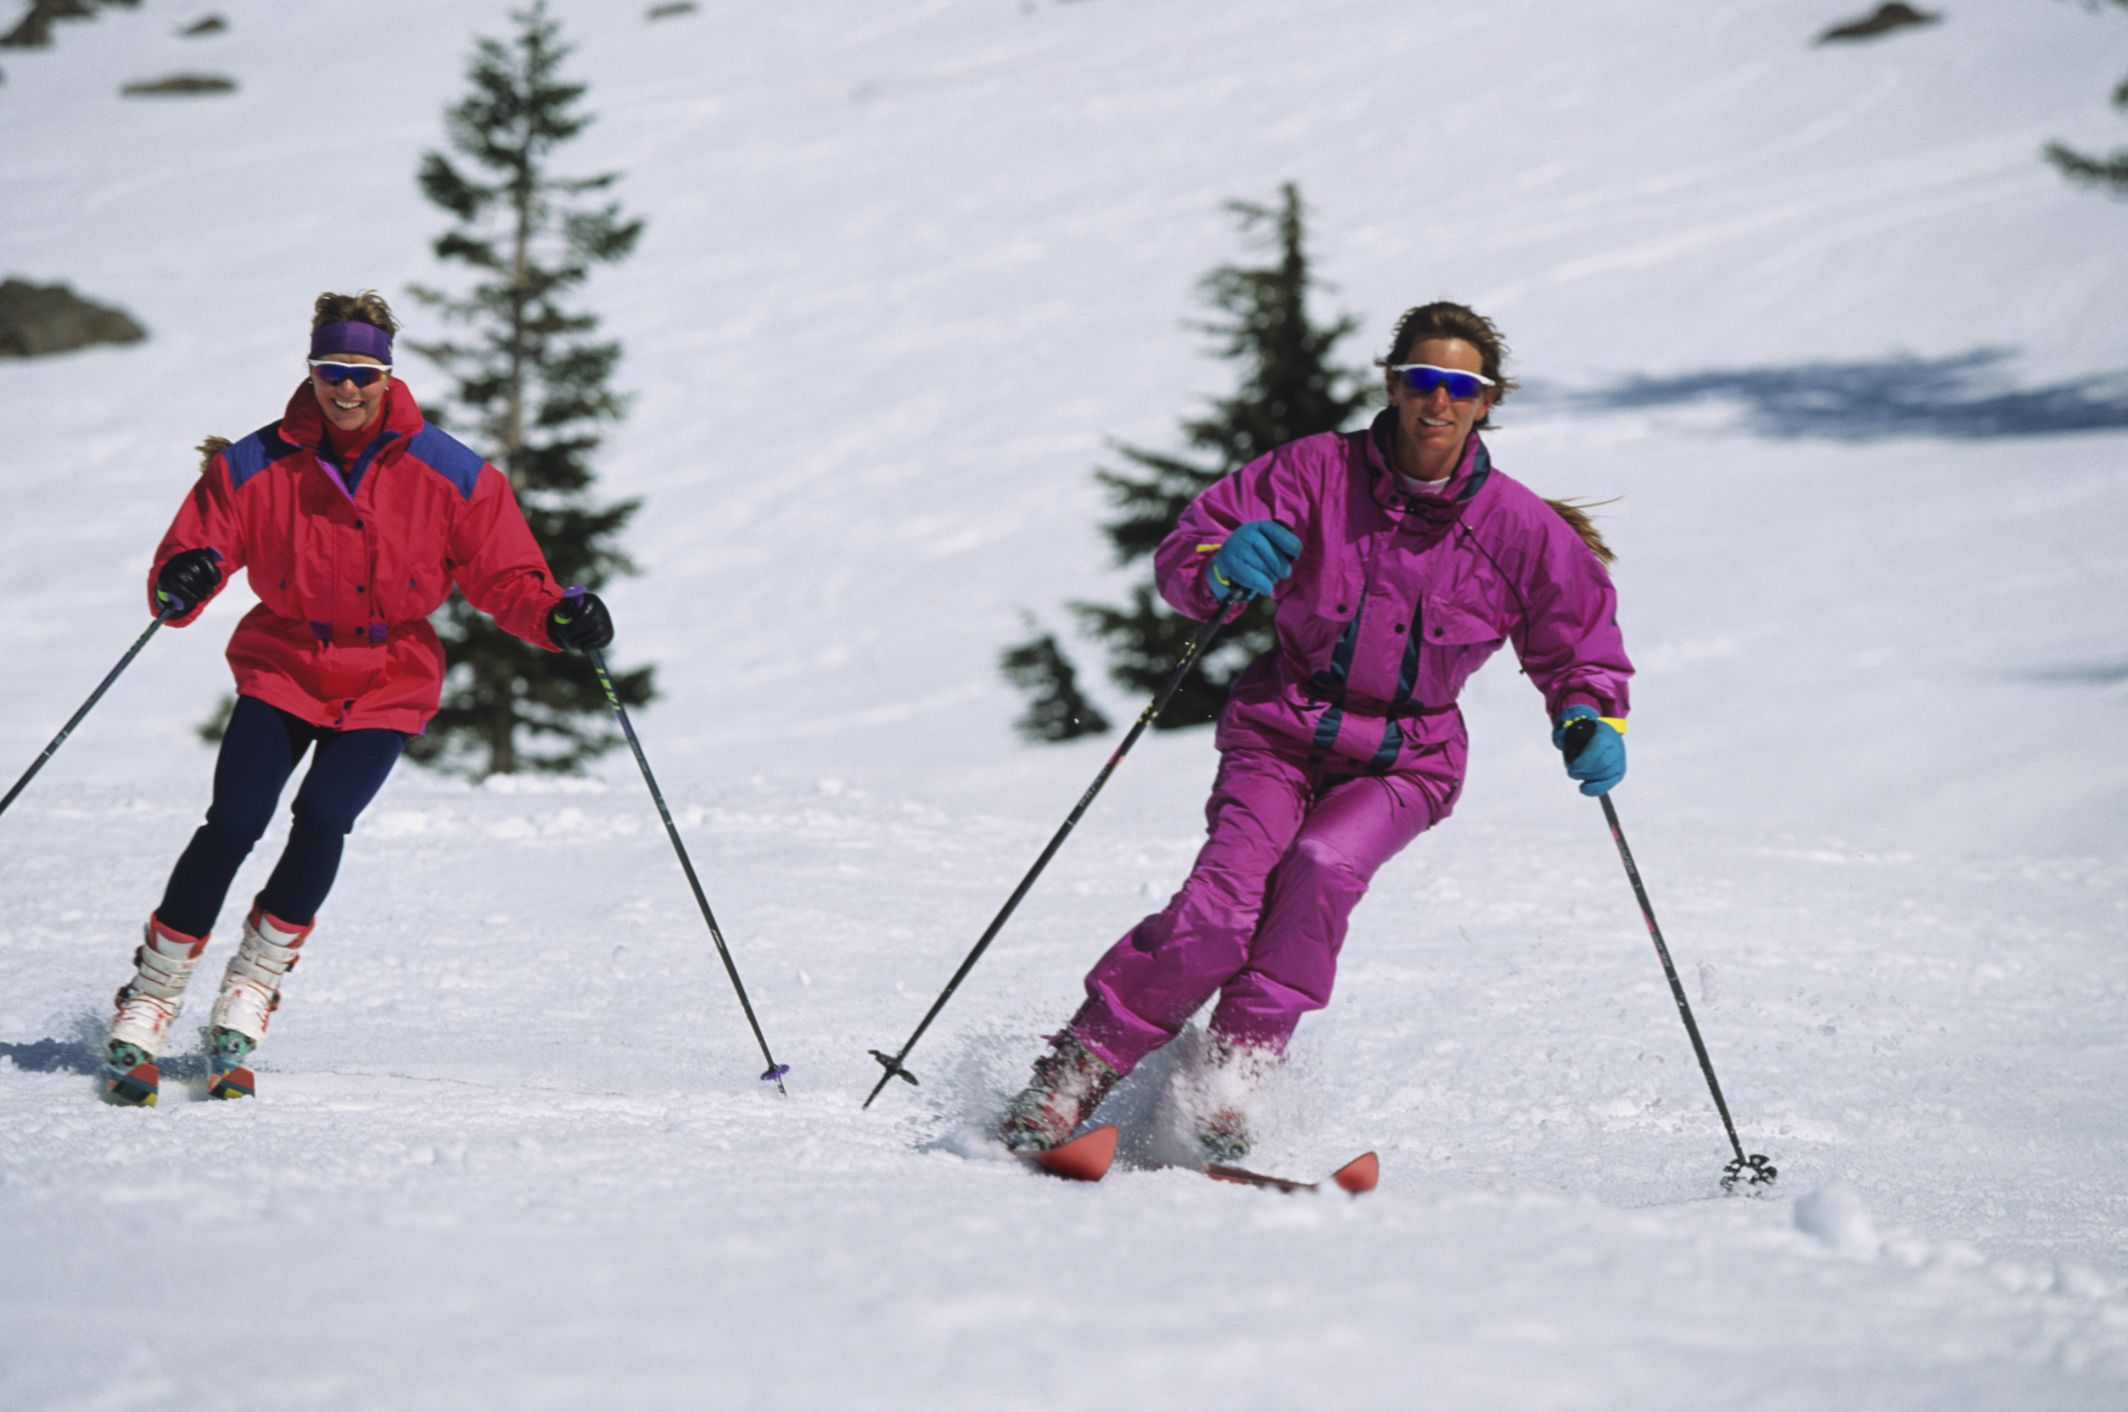 pair of female skiers